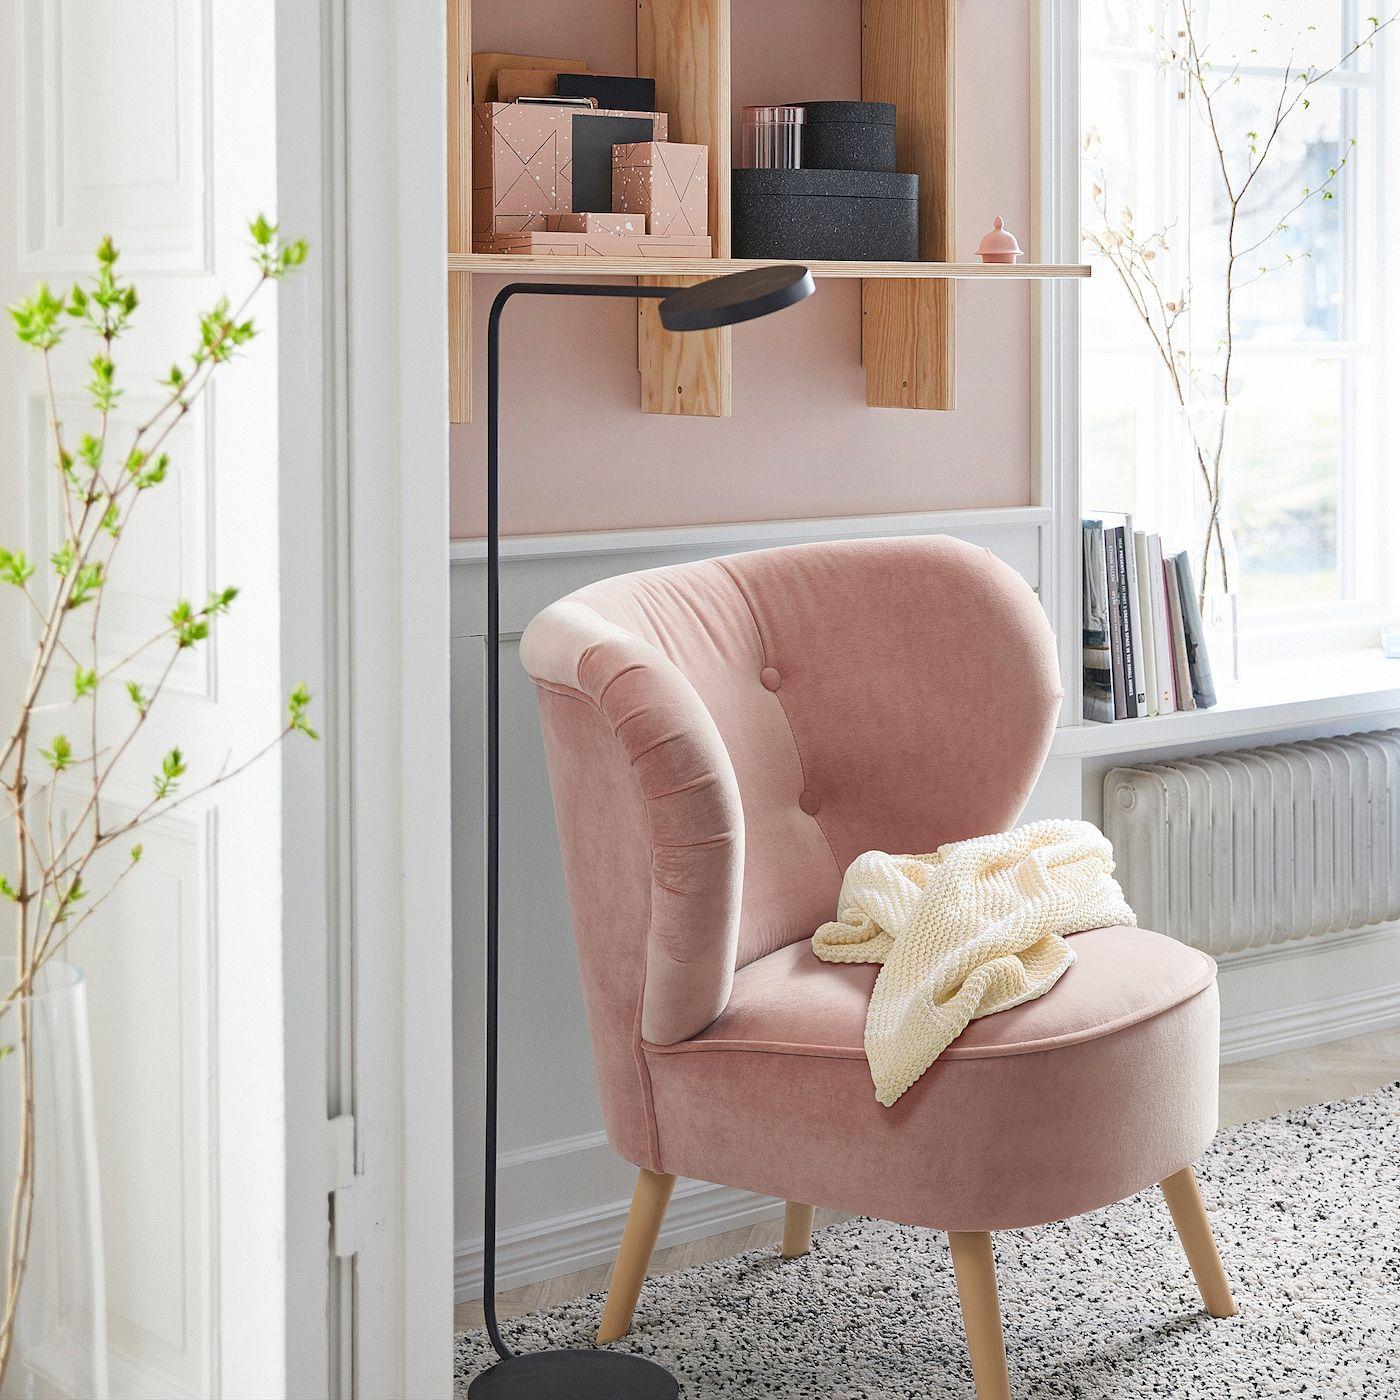 Full Size of Sessel Rosa Ikea Samt Kariert Gubbo Neu Vedbo Deutschland In 2020 Sofa Mit Schlaffunktion Modulküche Schlafzimmer Miniküche Betten 160x200 Küche Kaufen Wohnzimmer Sessel Rosa Ikea